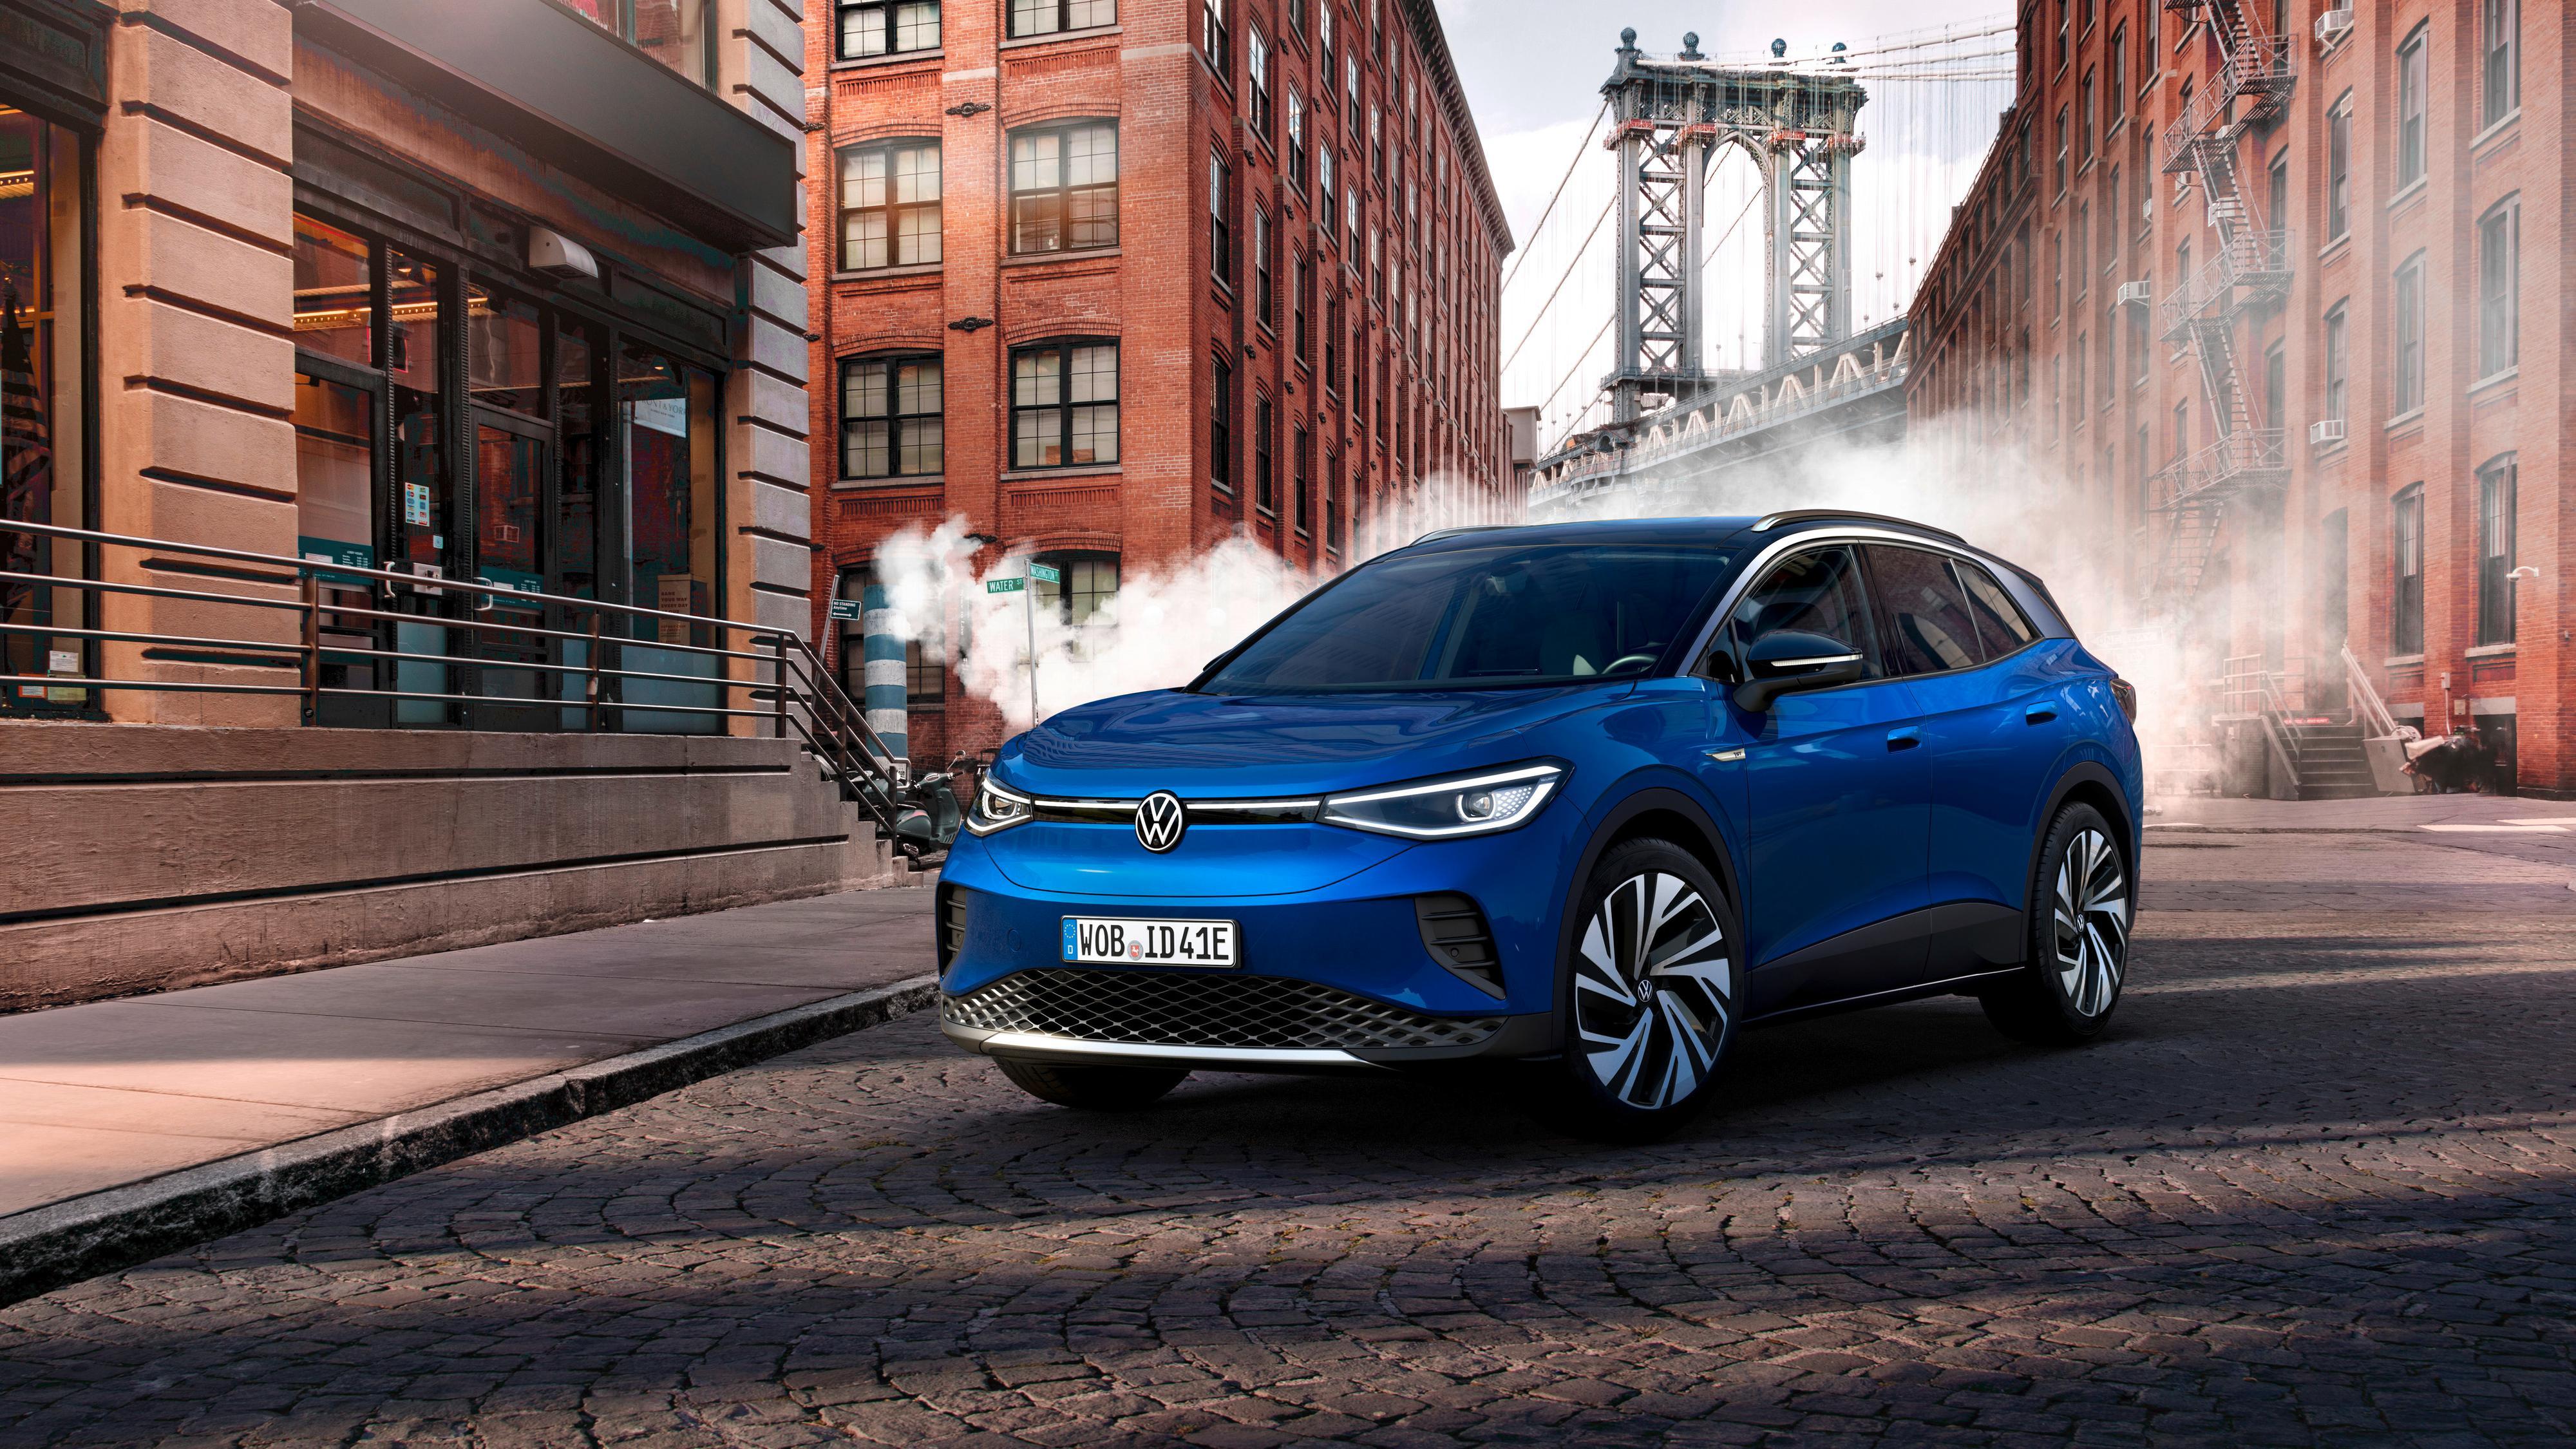 Volkswagen tilbakebetaler 37 millioner kroner til norske kunder